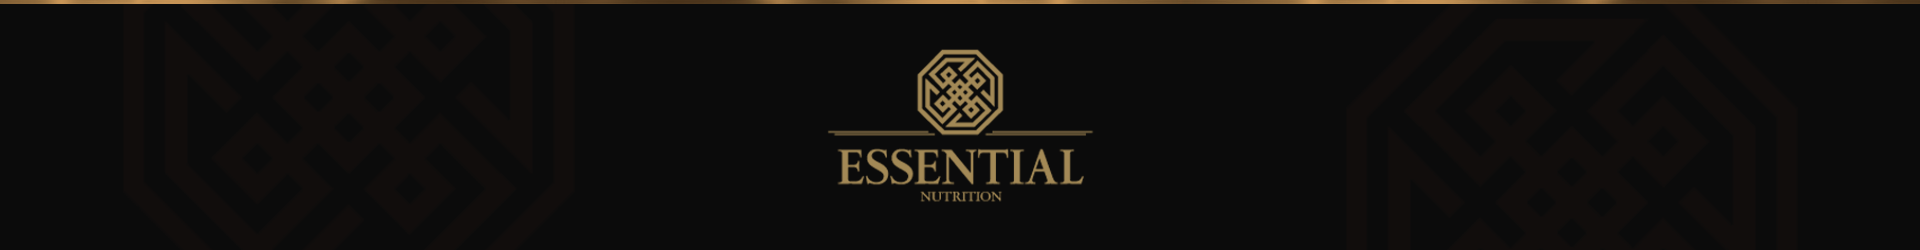 MARCA - Essential